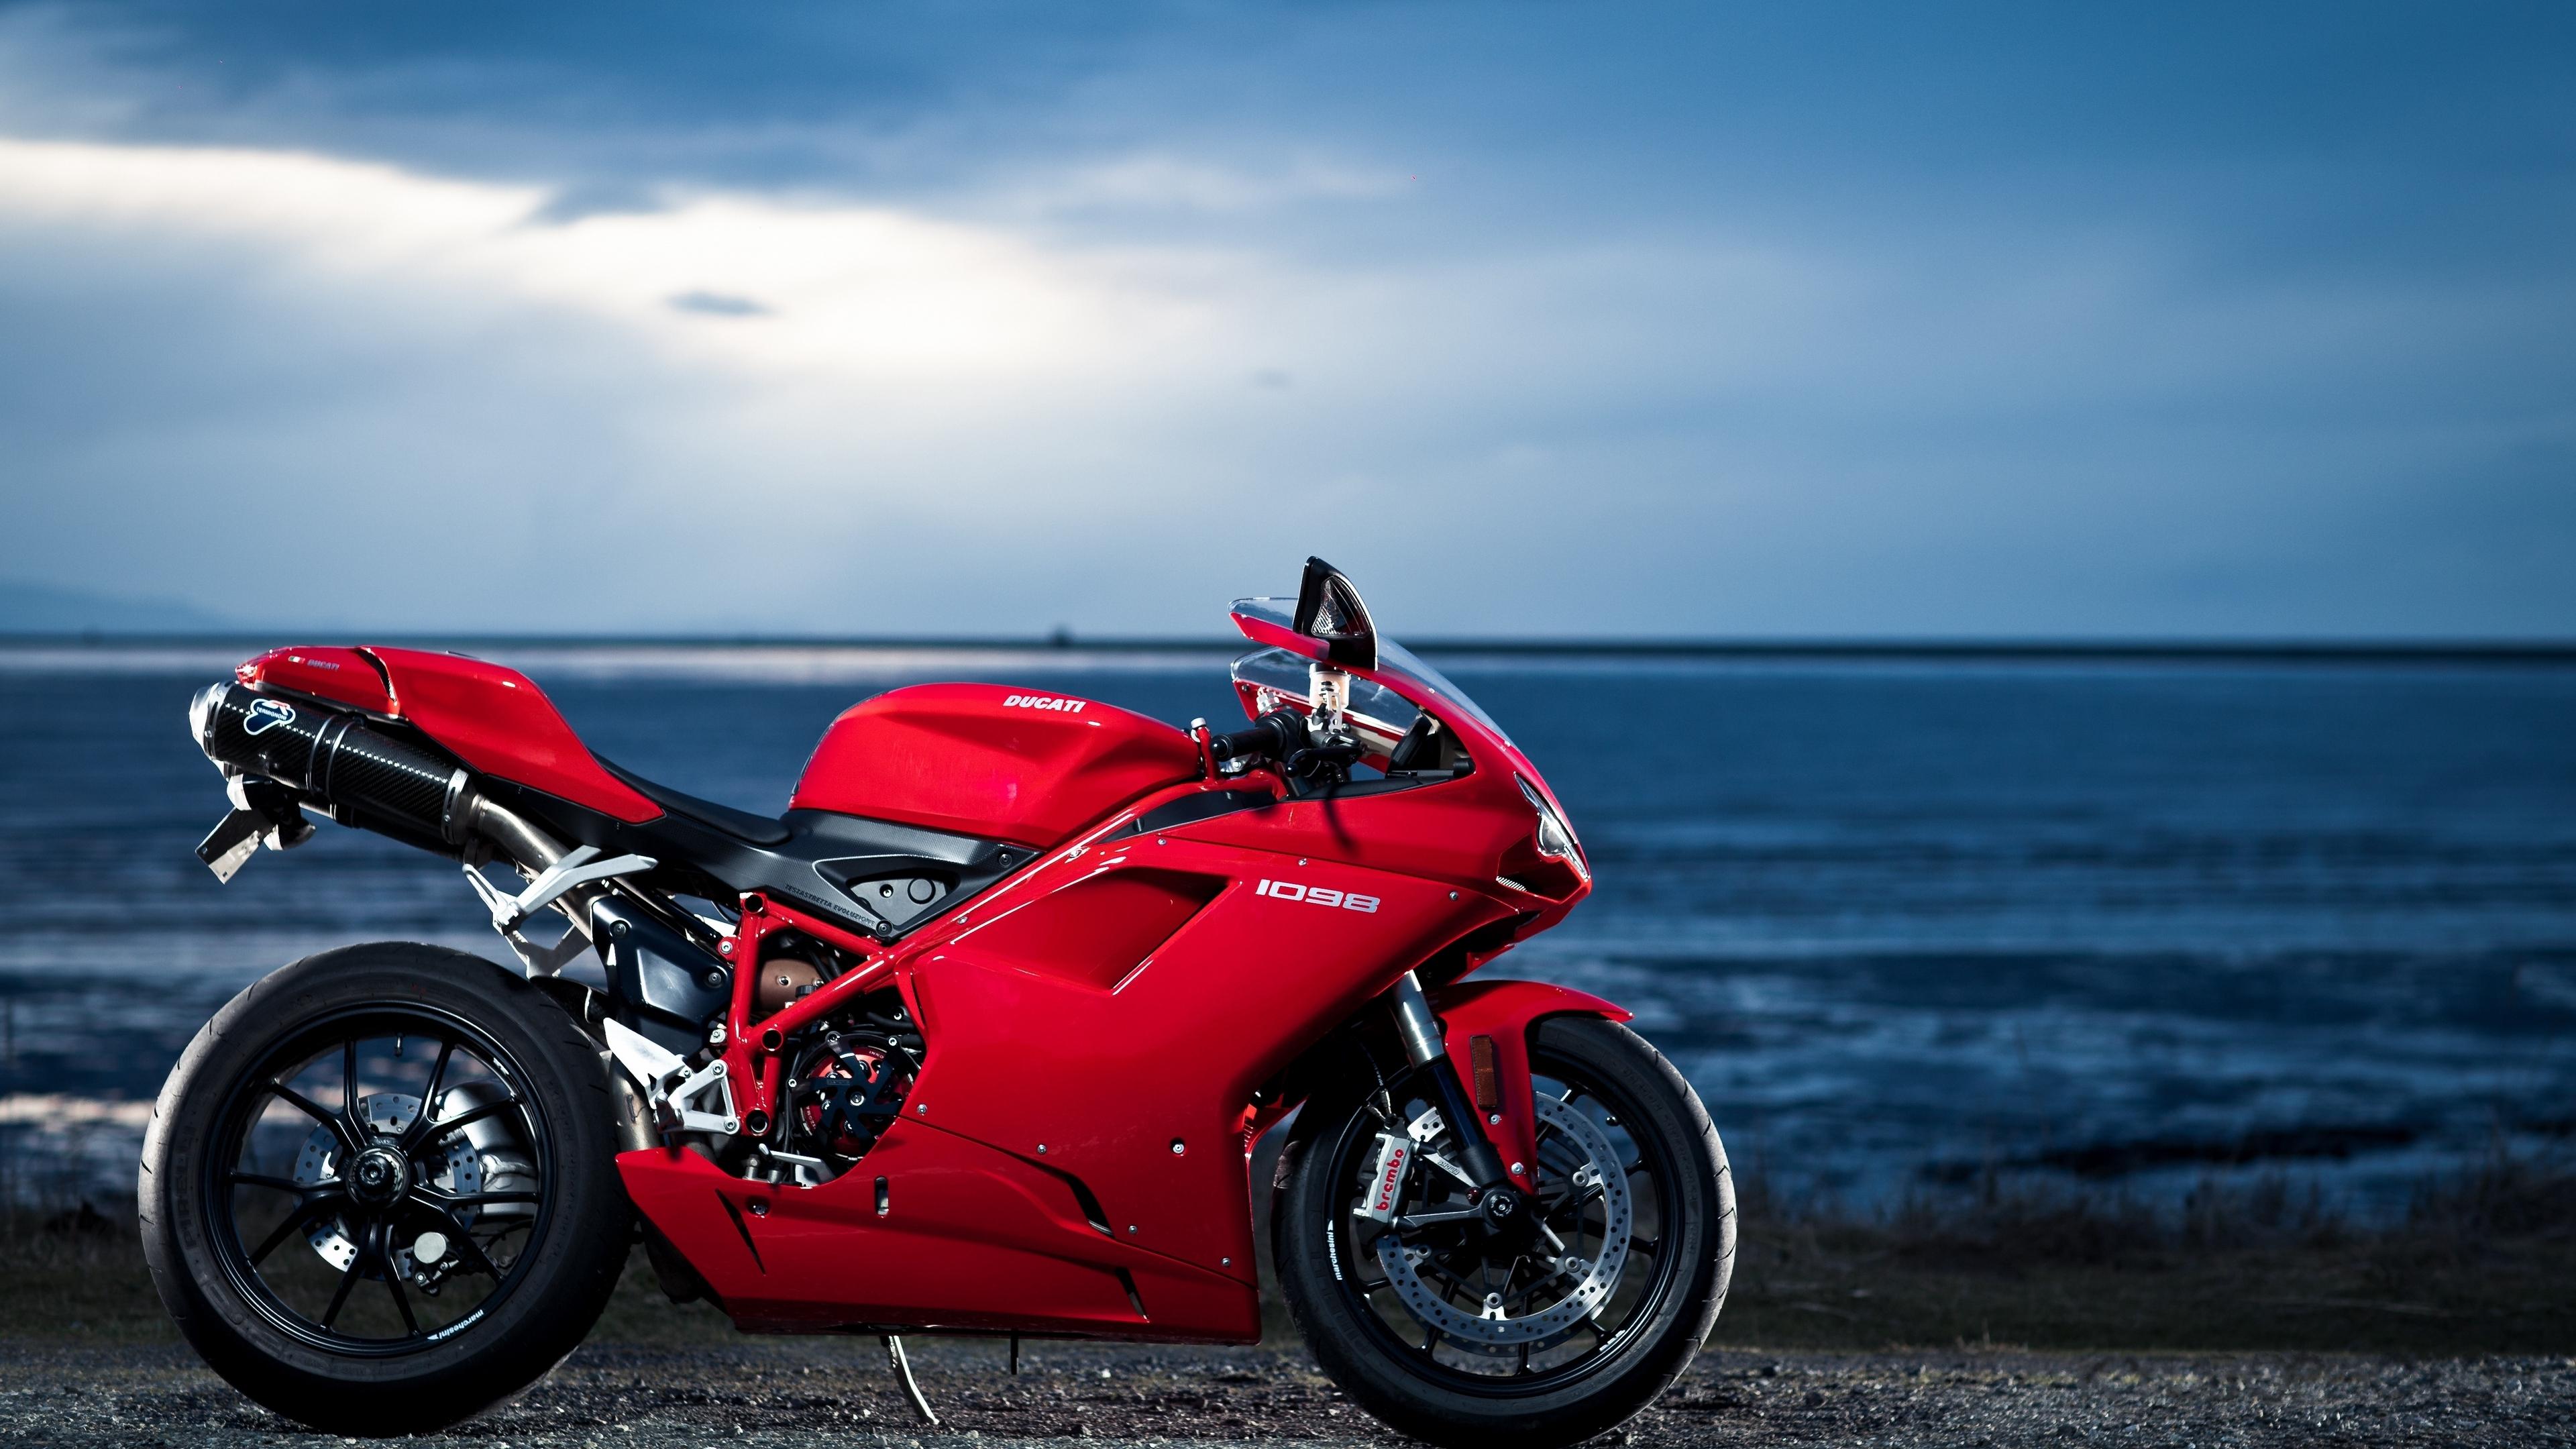 ducati 1098 motorcycle sea red 4k 1536018786 - ducati, 1098, motorcycle, sea, red 4k - Motorcycle, Ducati, 1098